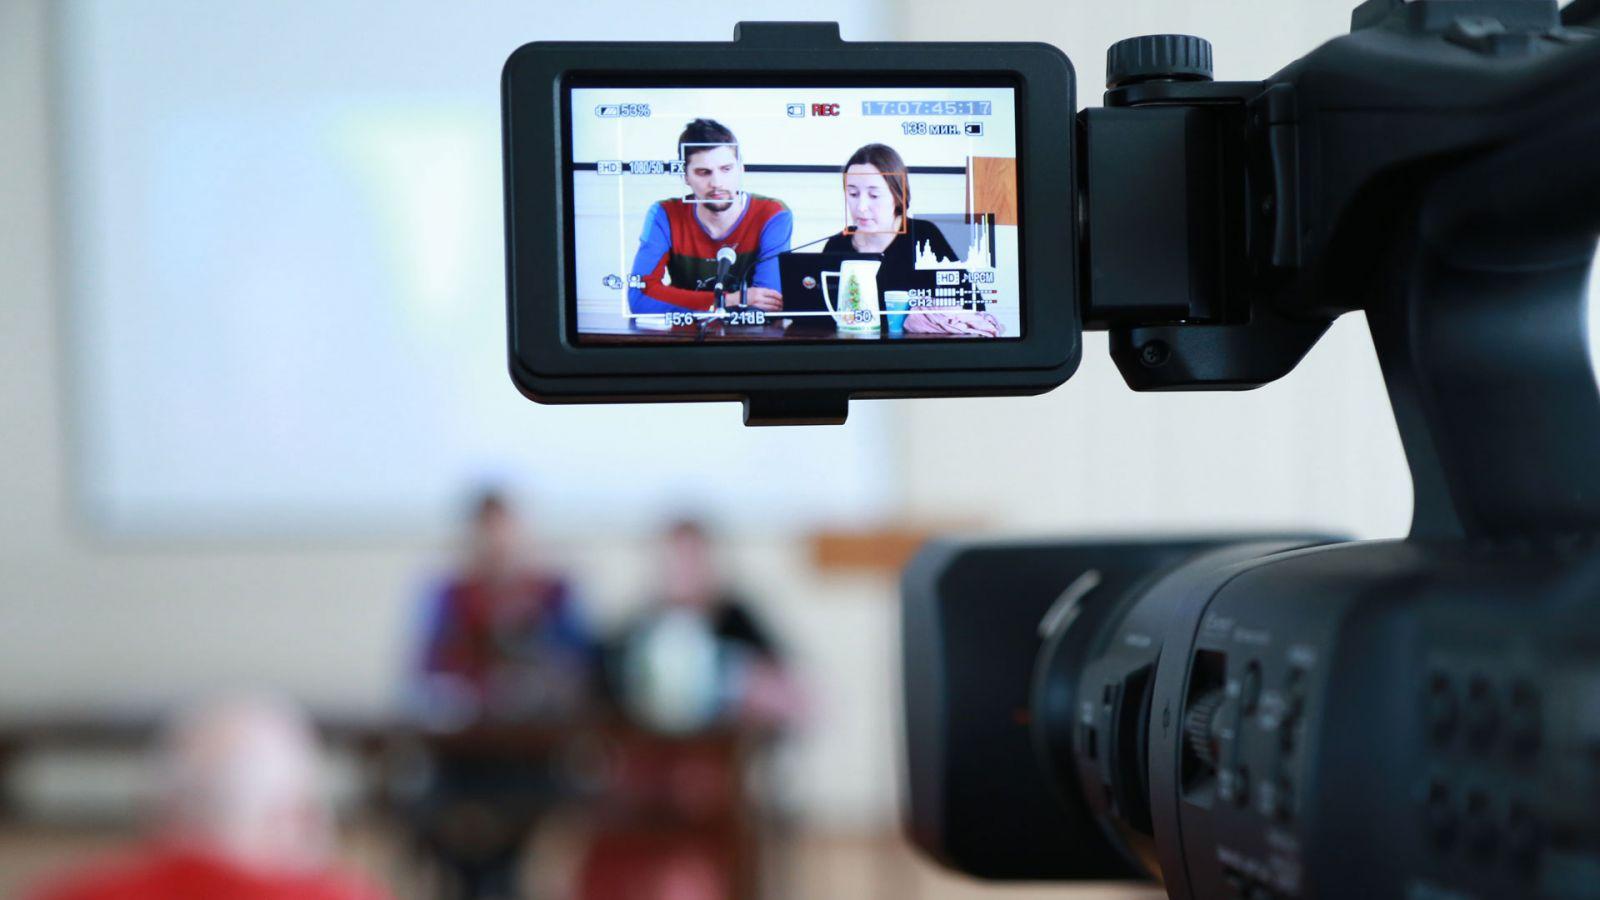 видео креветокваде онлайн двумя мужиками